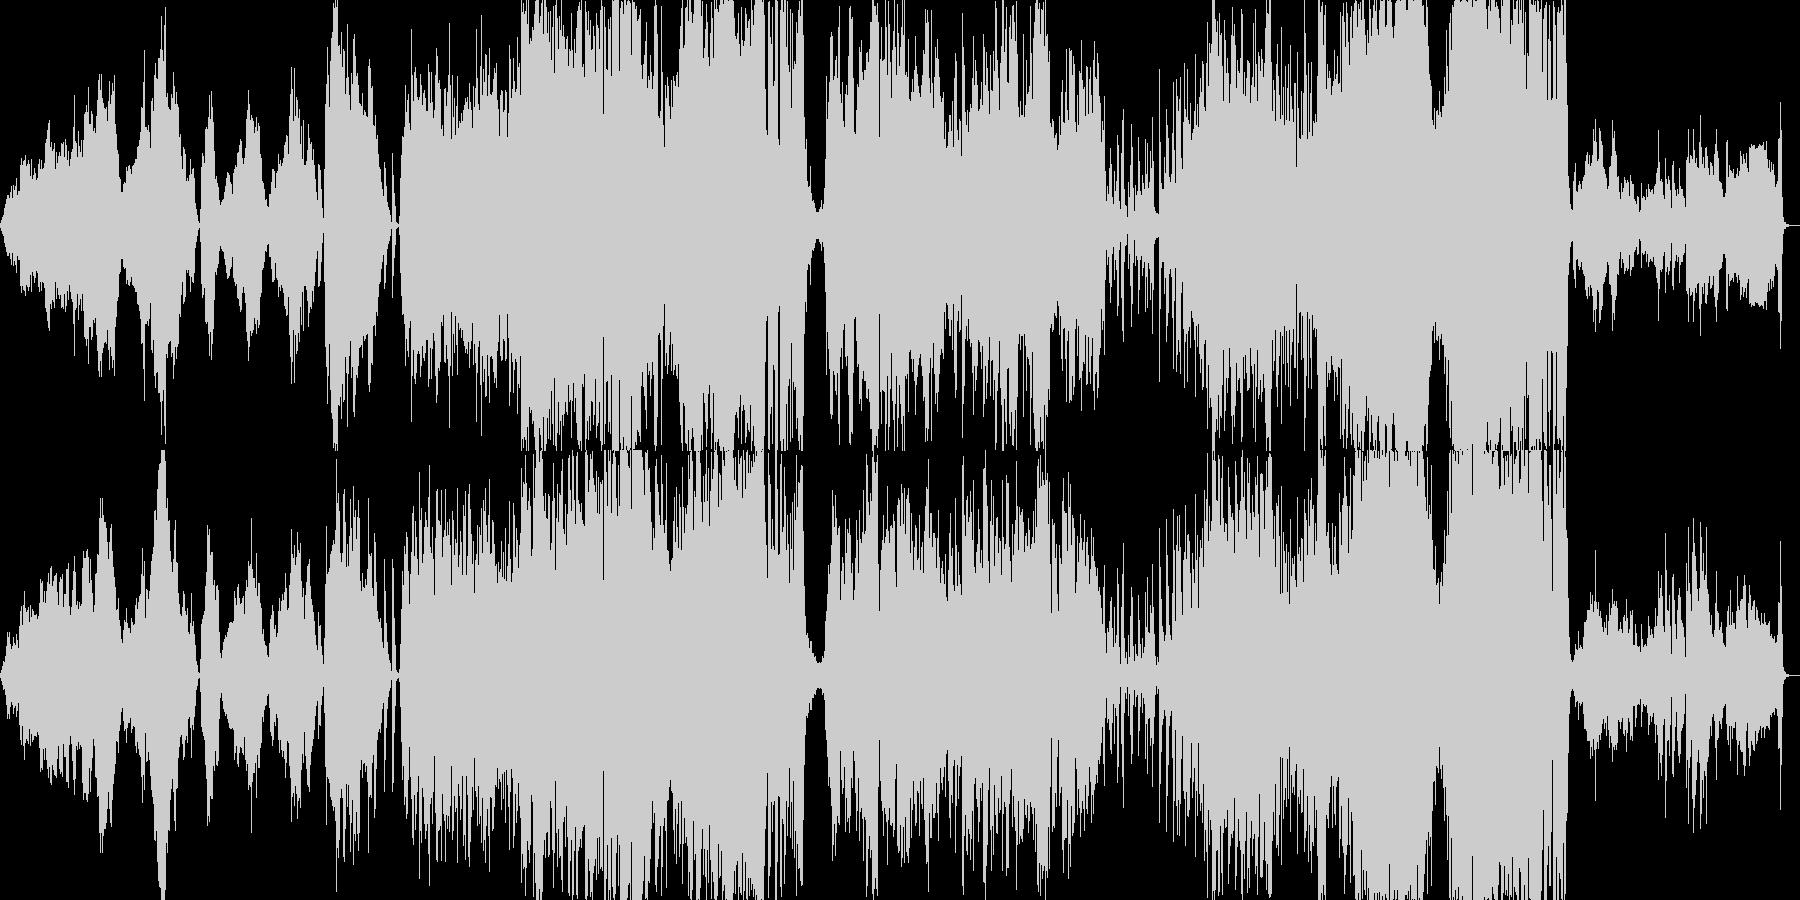 ミュージカルの組曲風の華やかさの未再生の波形